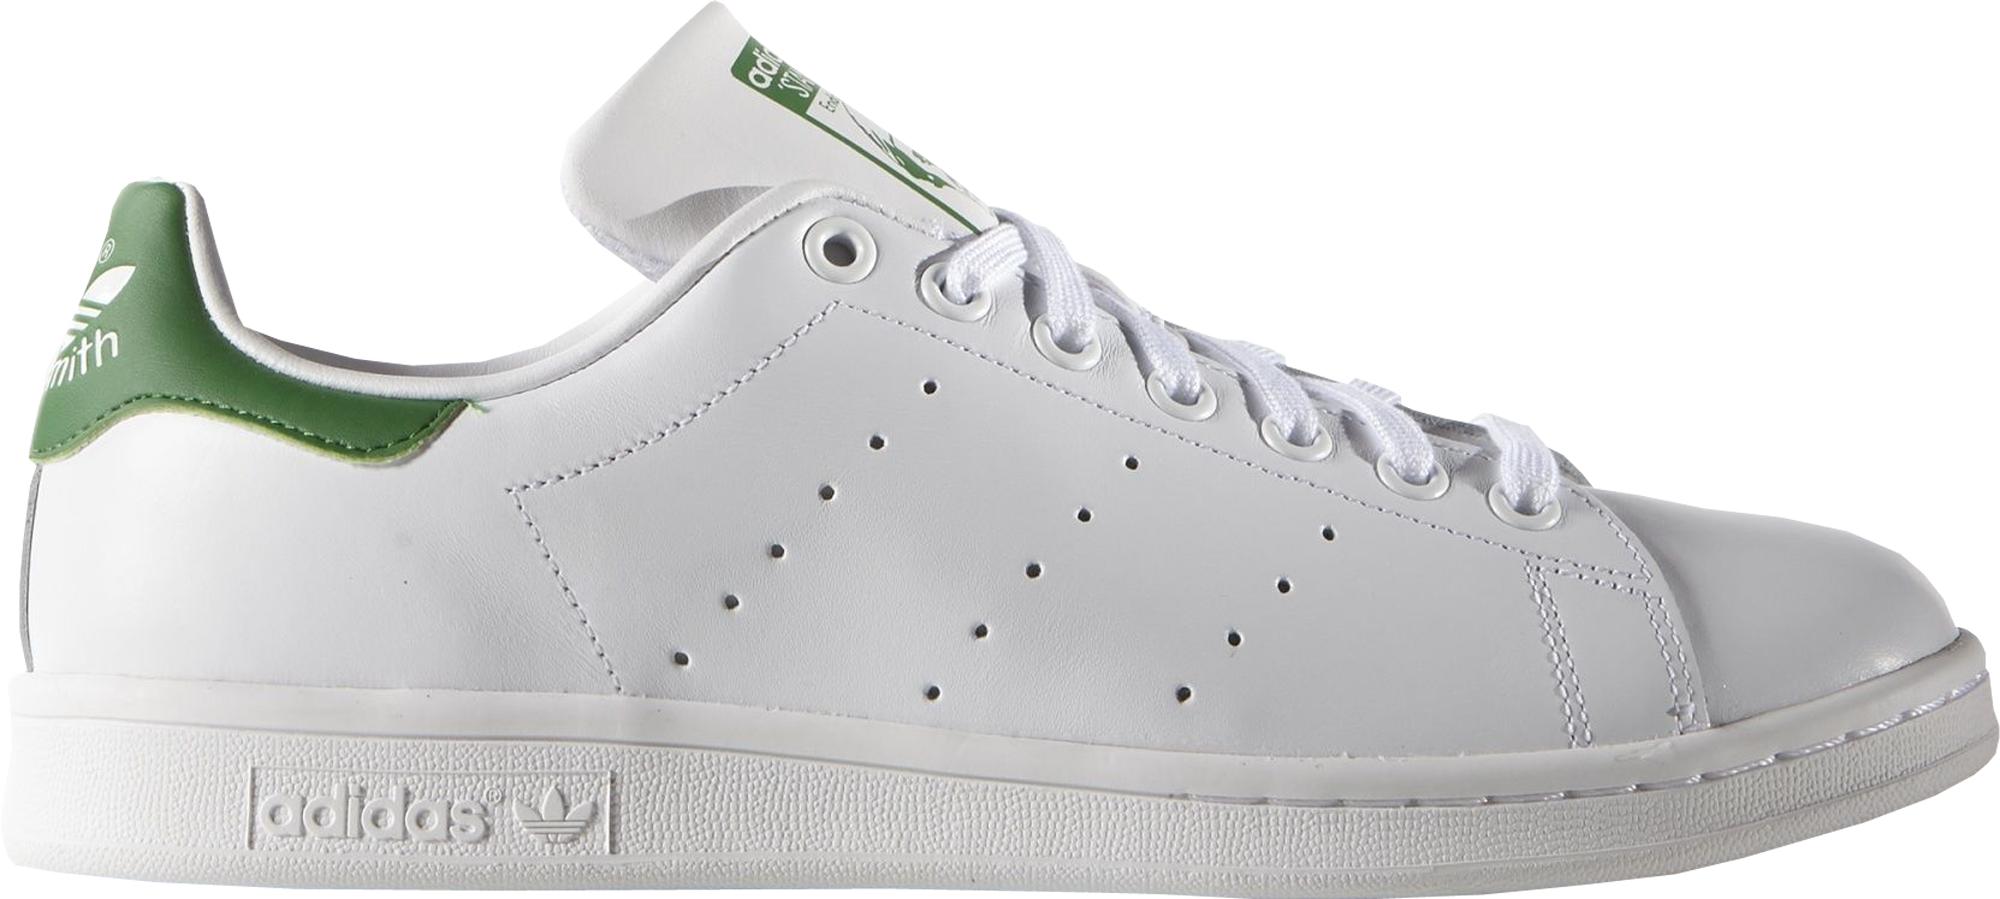 adidas Stan Smith White Green (OG)